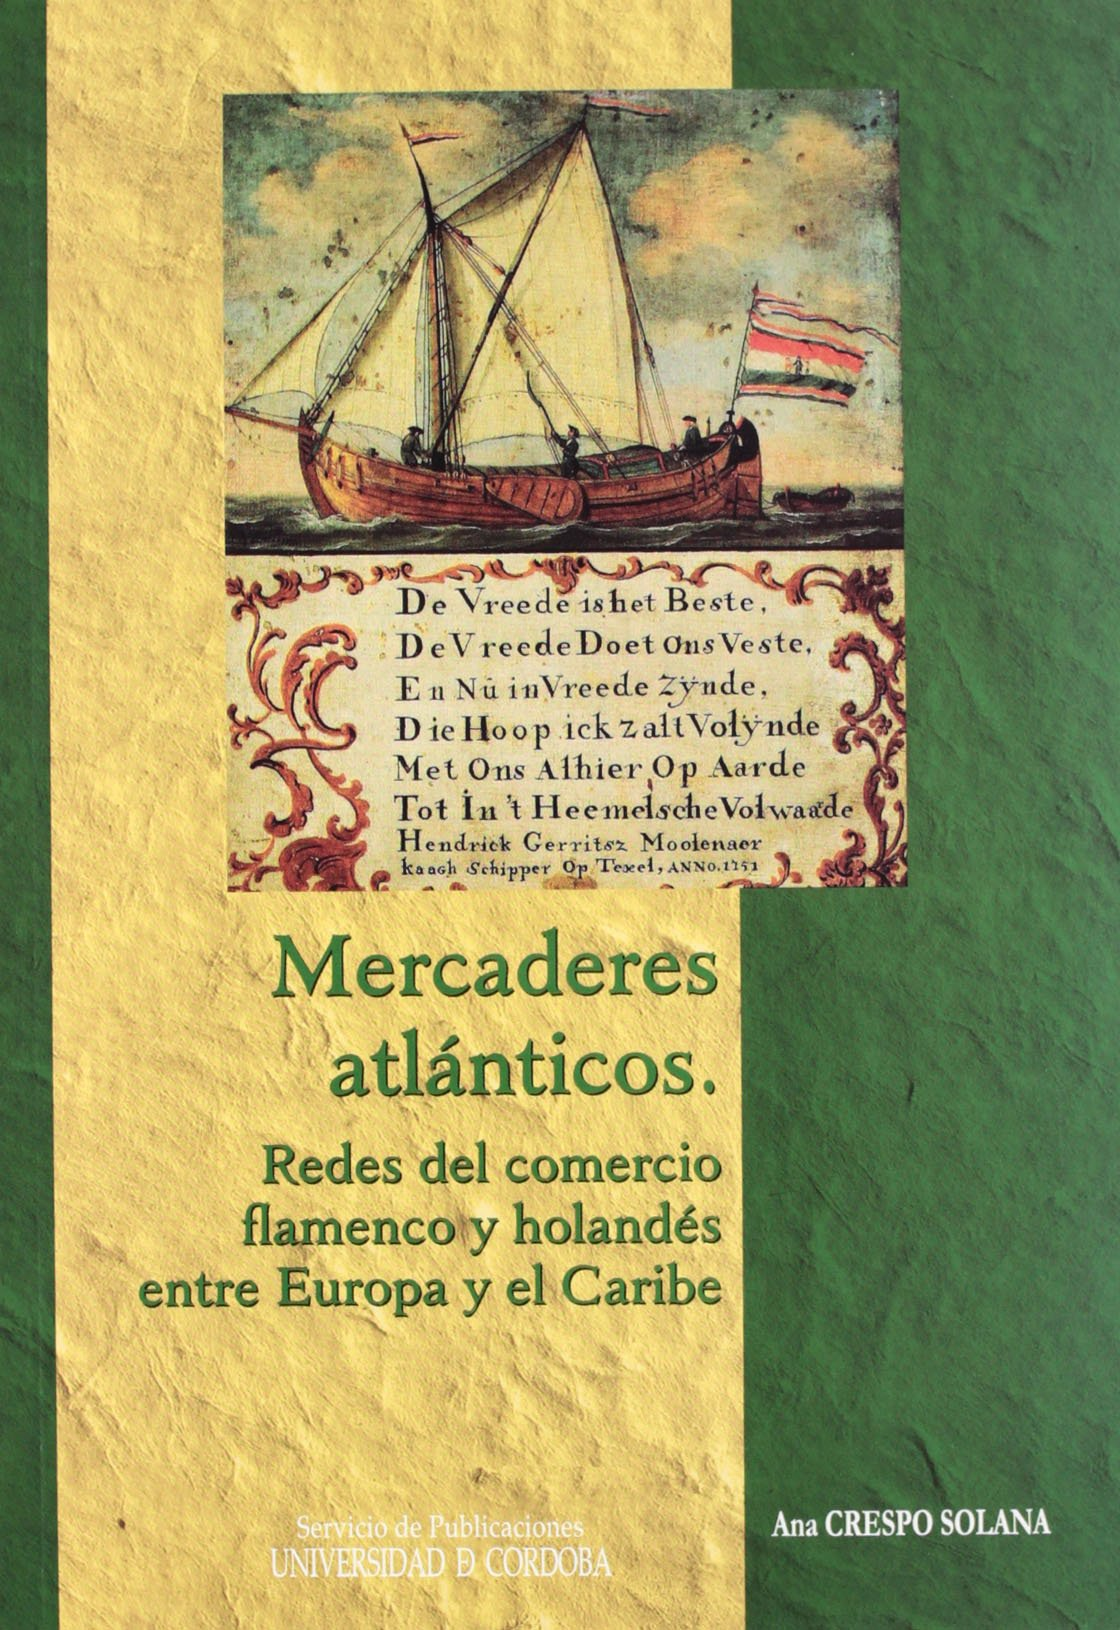 Mercaderes atlánticos: redes del comercio flamenco y holandés entre Europa y el Caribe Estudios de Historia Moderna: Amazon.es: Ana Crespo Solana: Libros